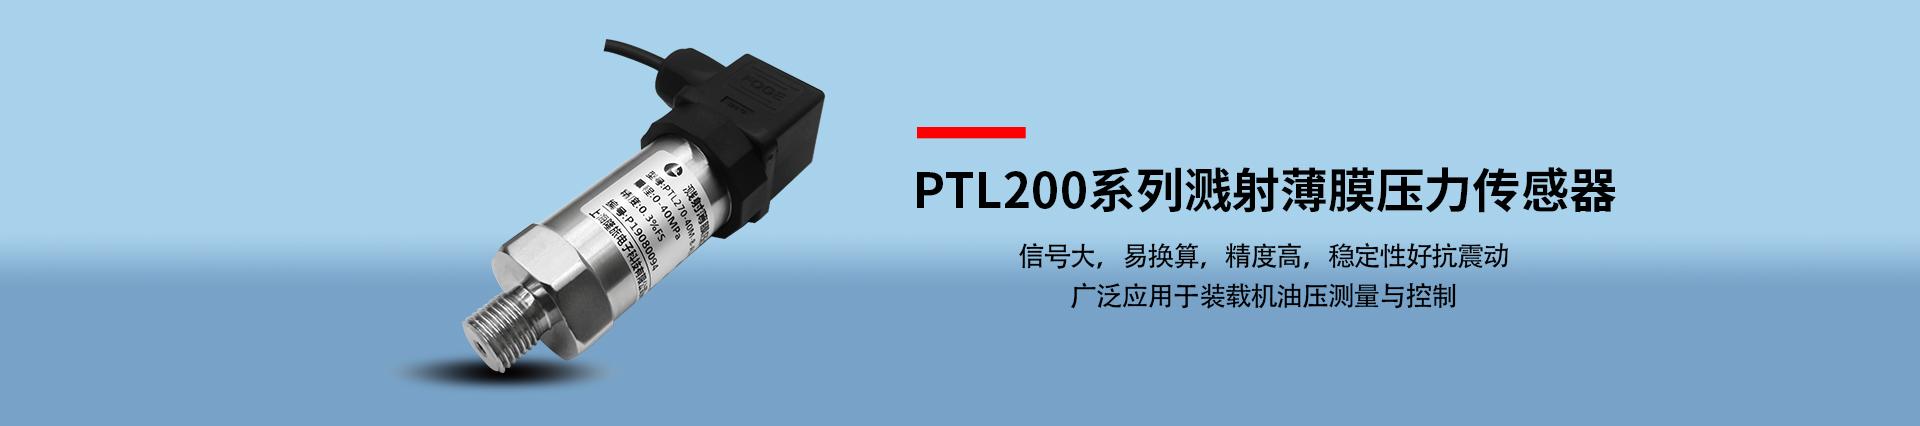 PTL200系列溅射薄膜压力传感器